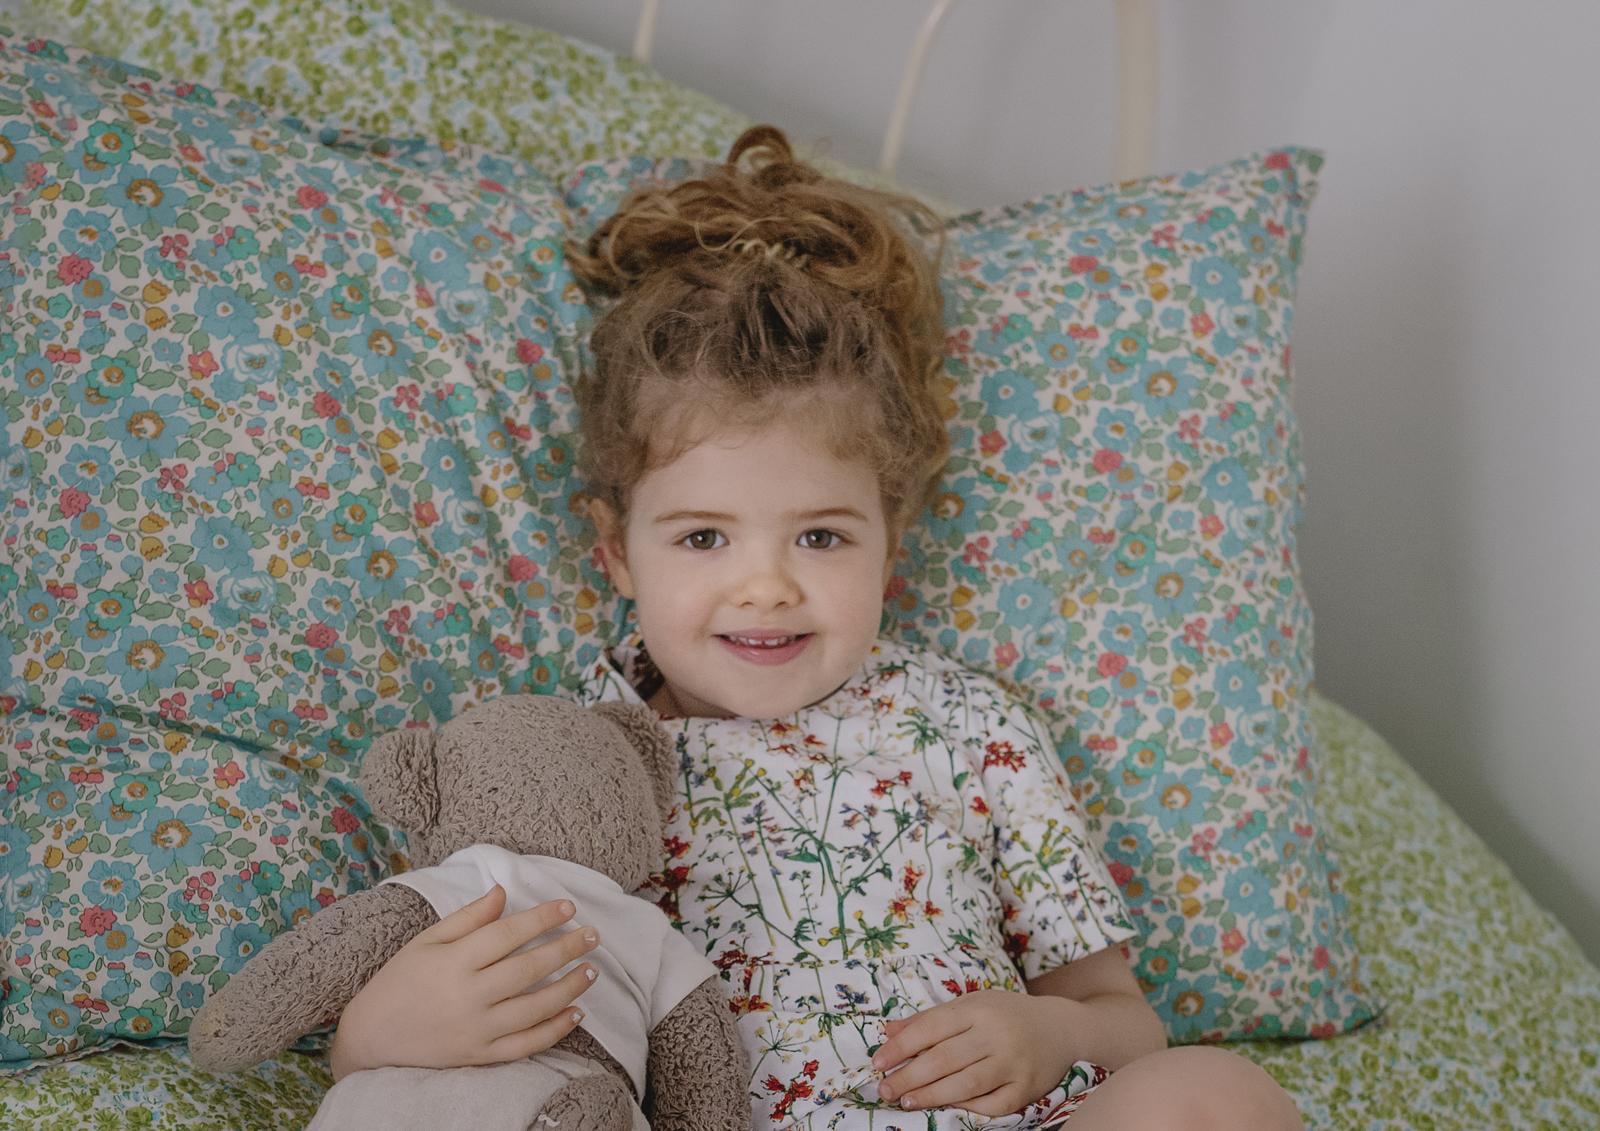 Child Portrait Photography Melbourne